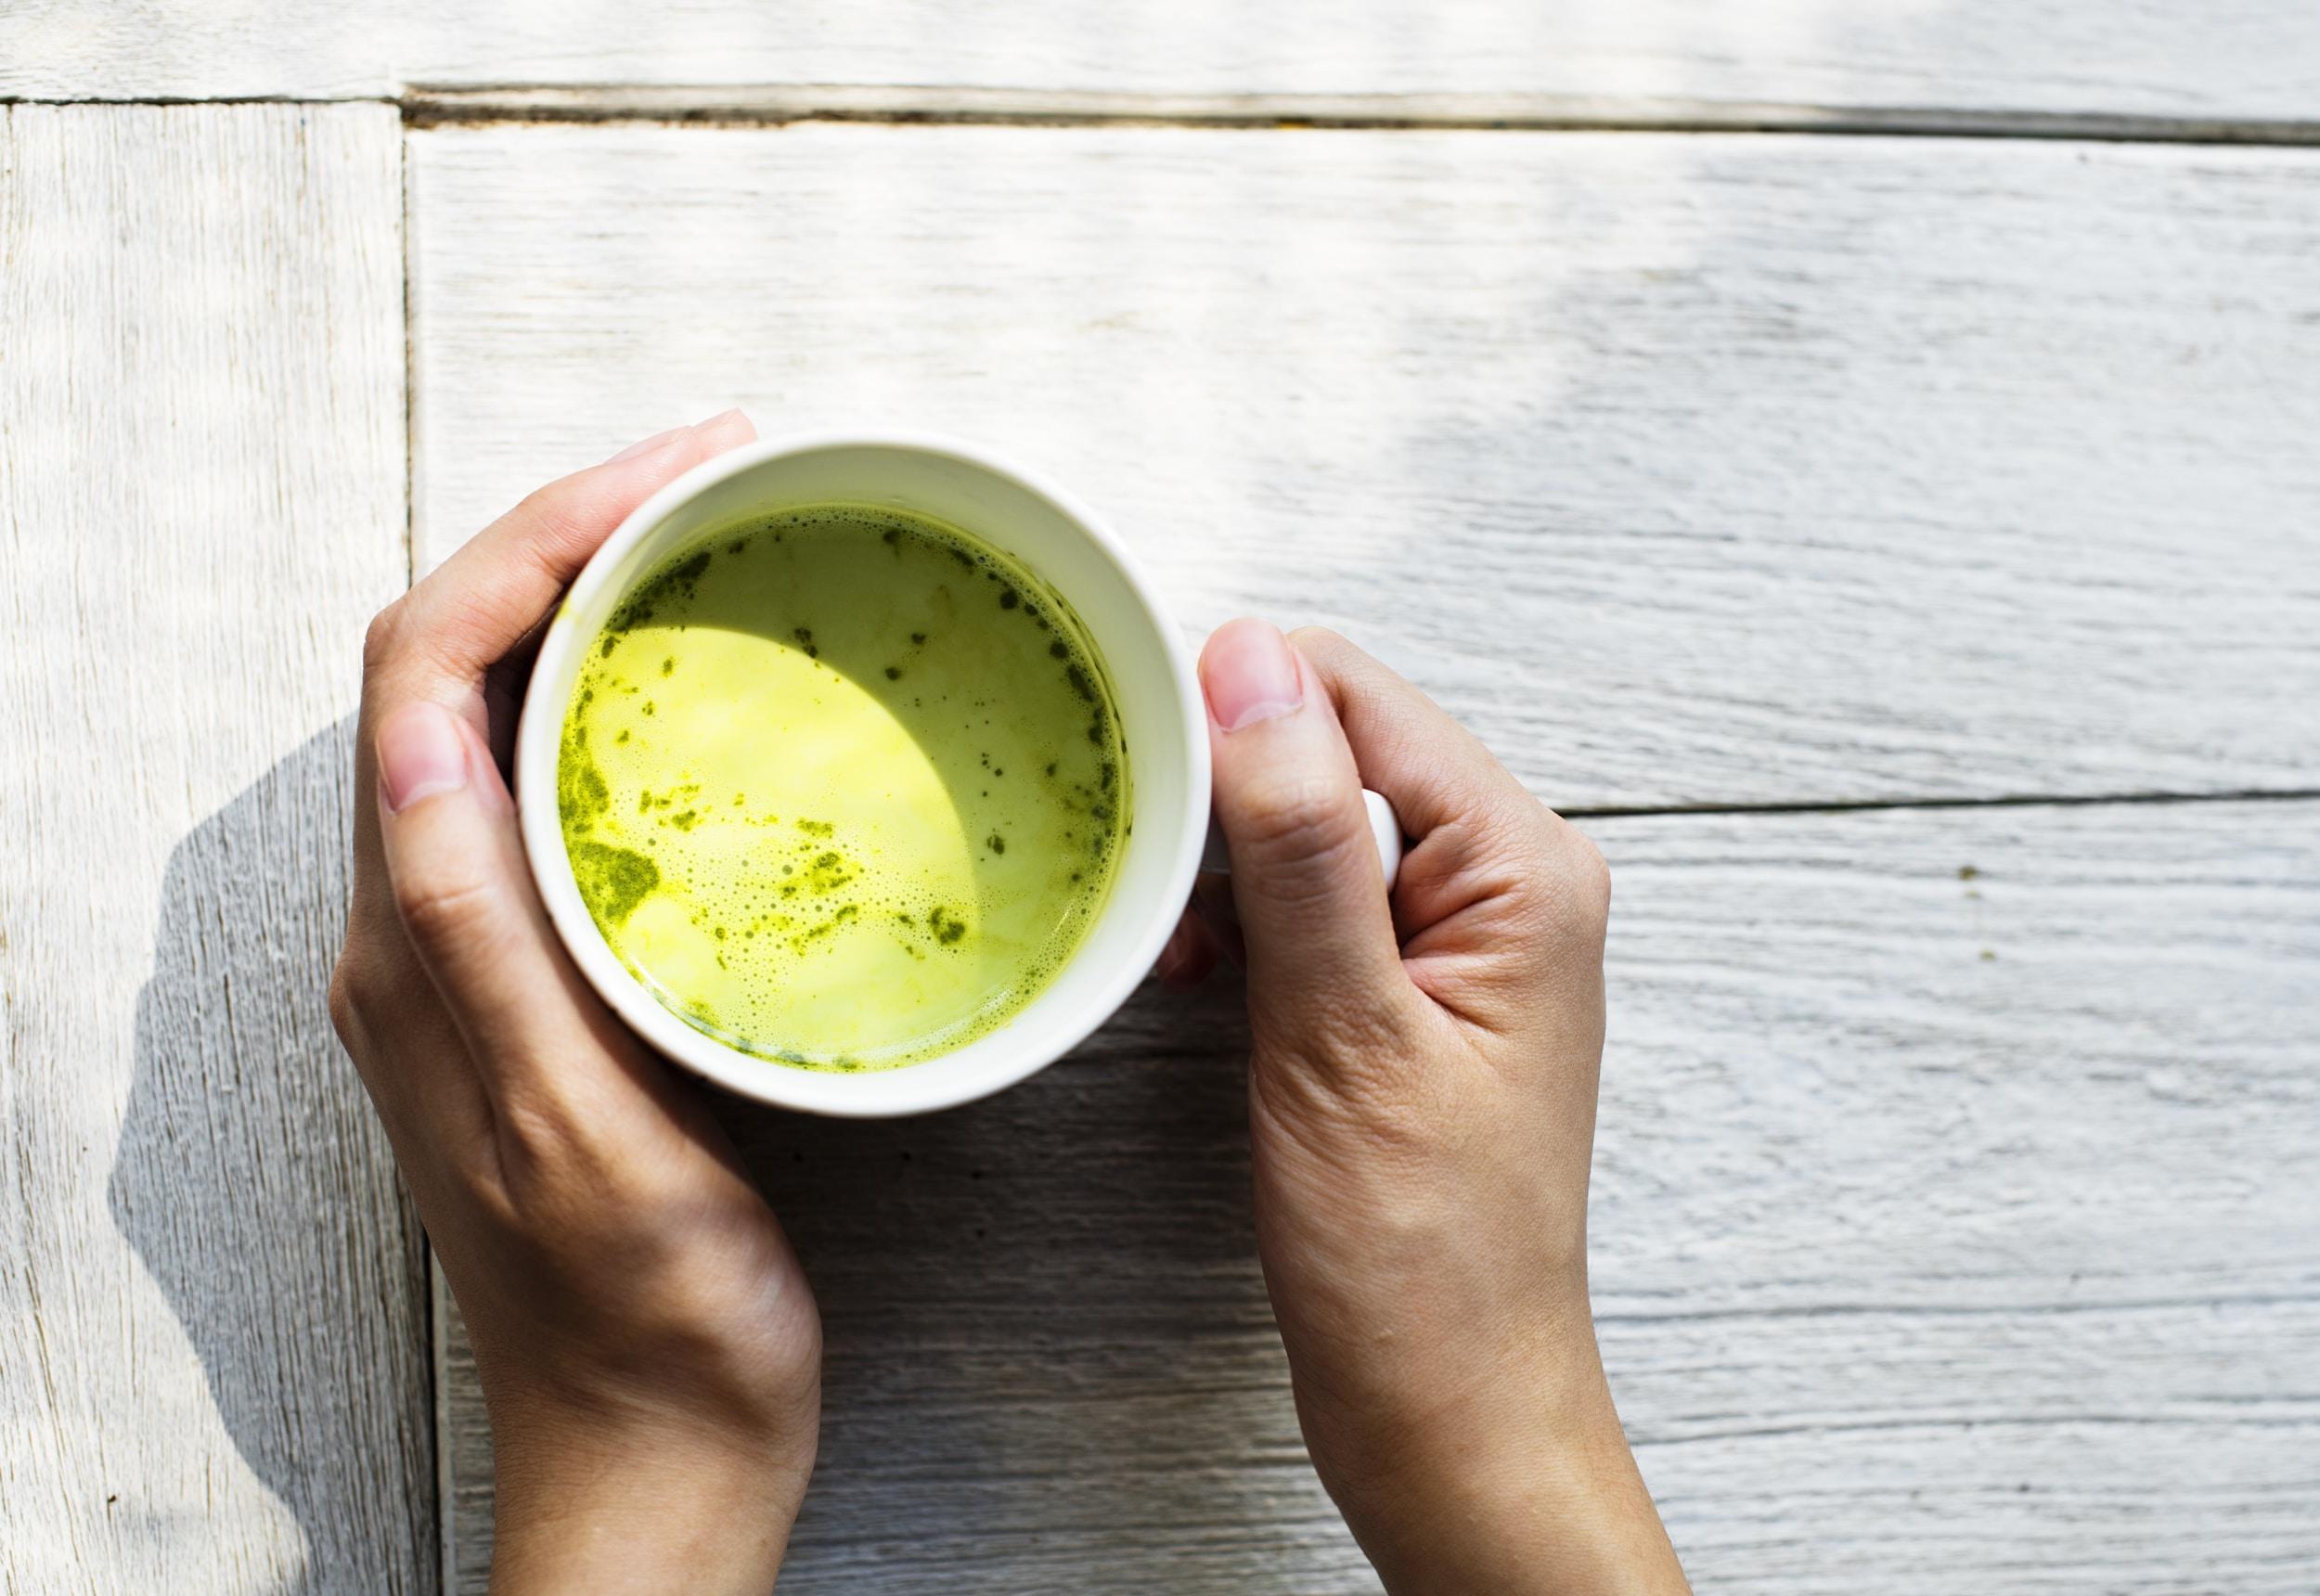 person holding mug with matcha tea